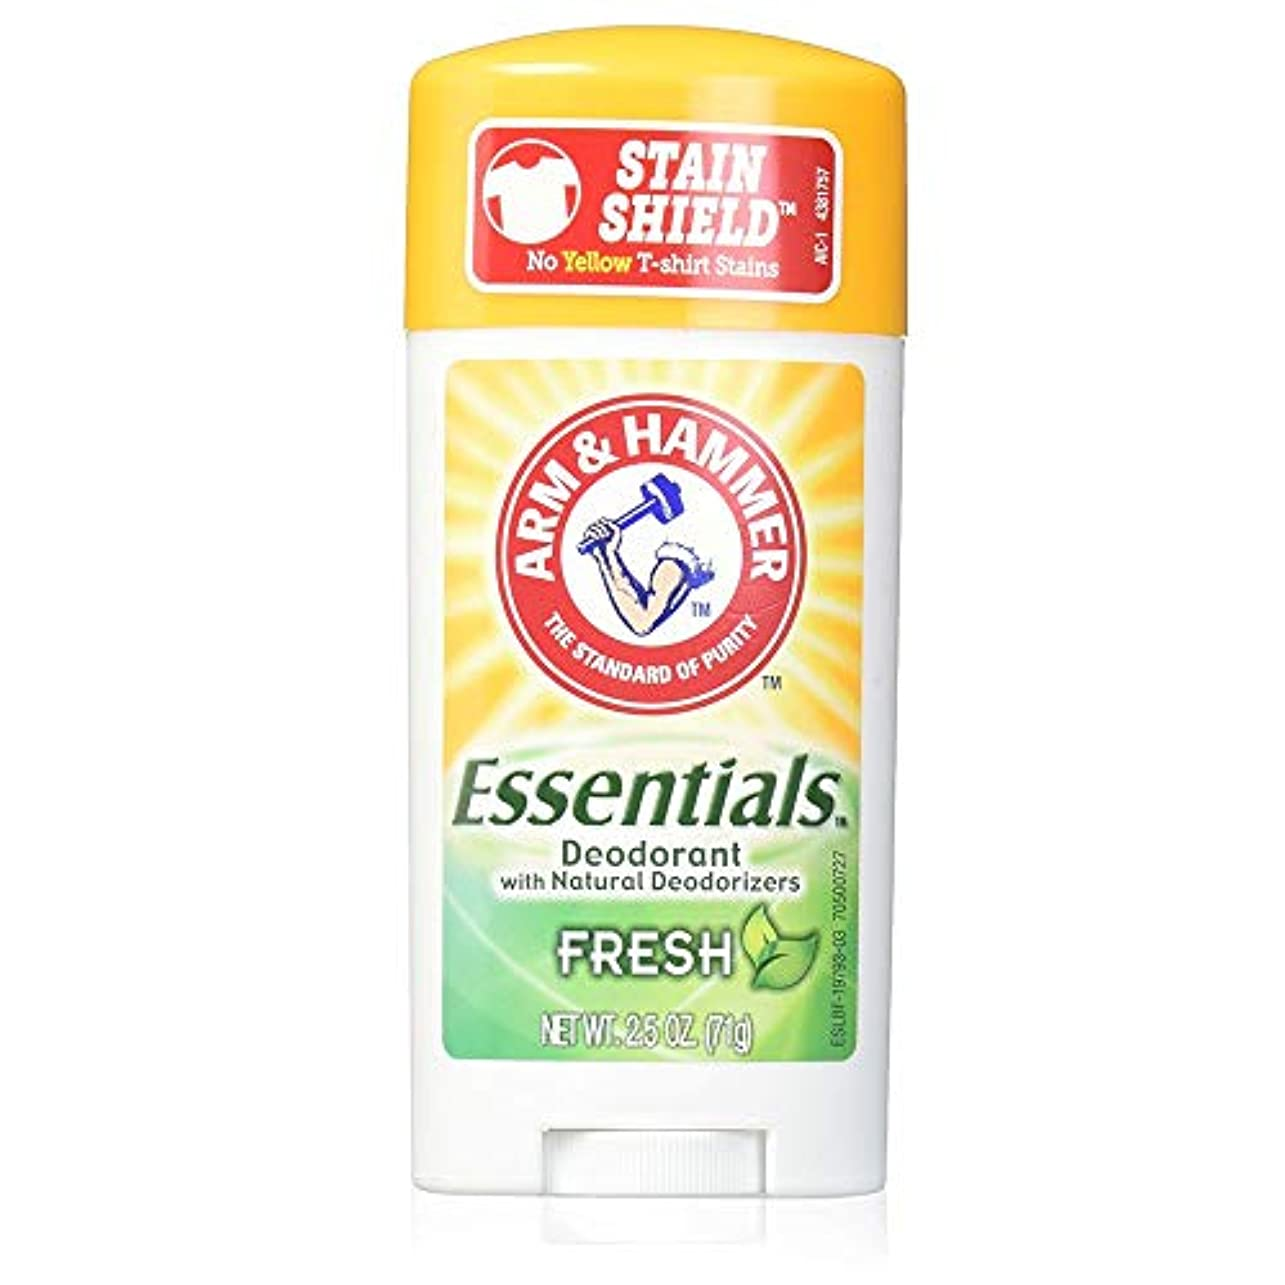 床を掃除する守銭奴絶滅アーム&ハマー デオドラント【フレッシュ】制汗剤【お風呂上がりの香り】Arm & Hammer Essentials Natural Deodorant Fresh 71?[並行輸入品]